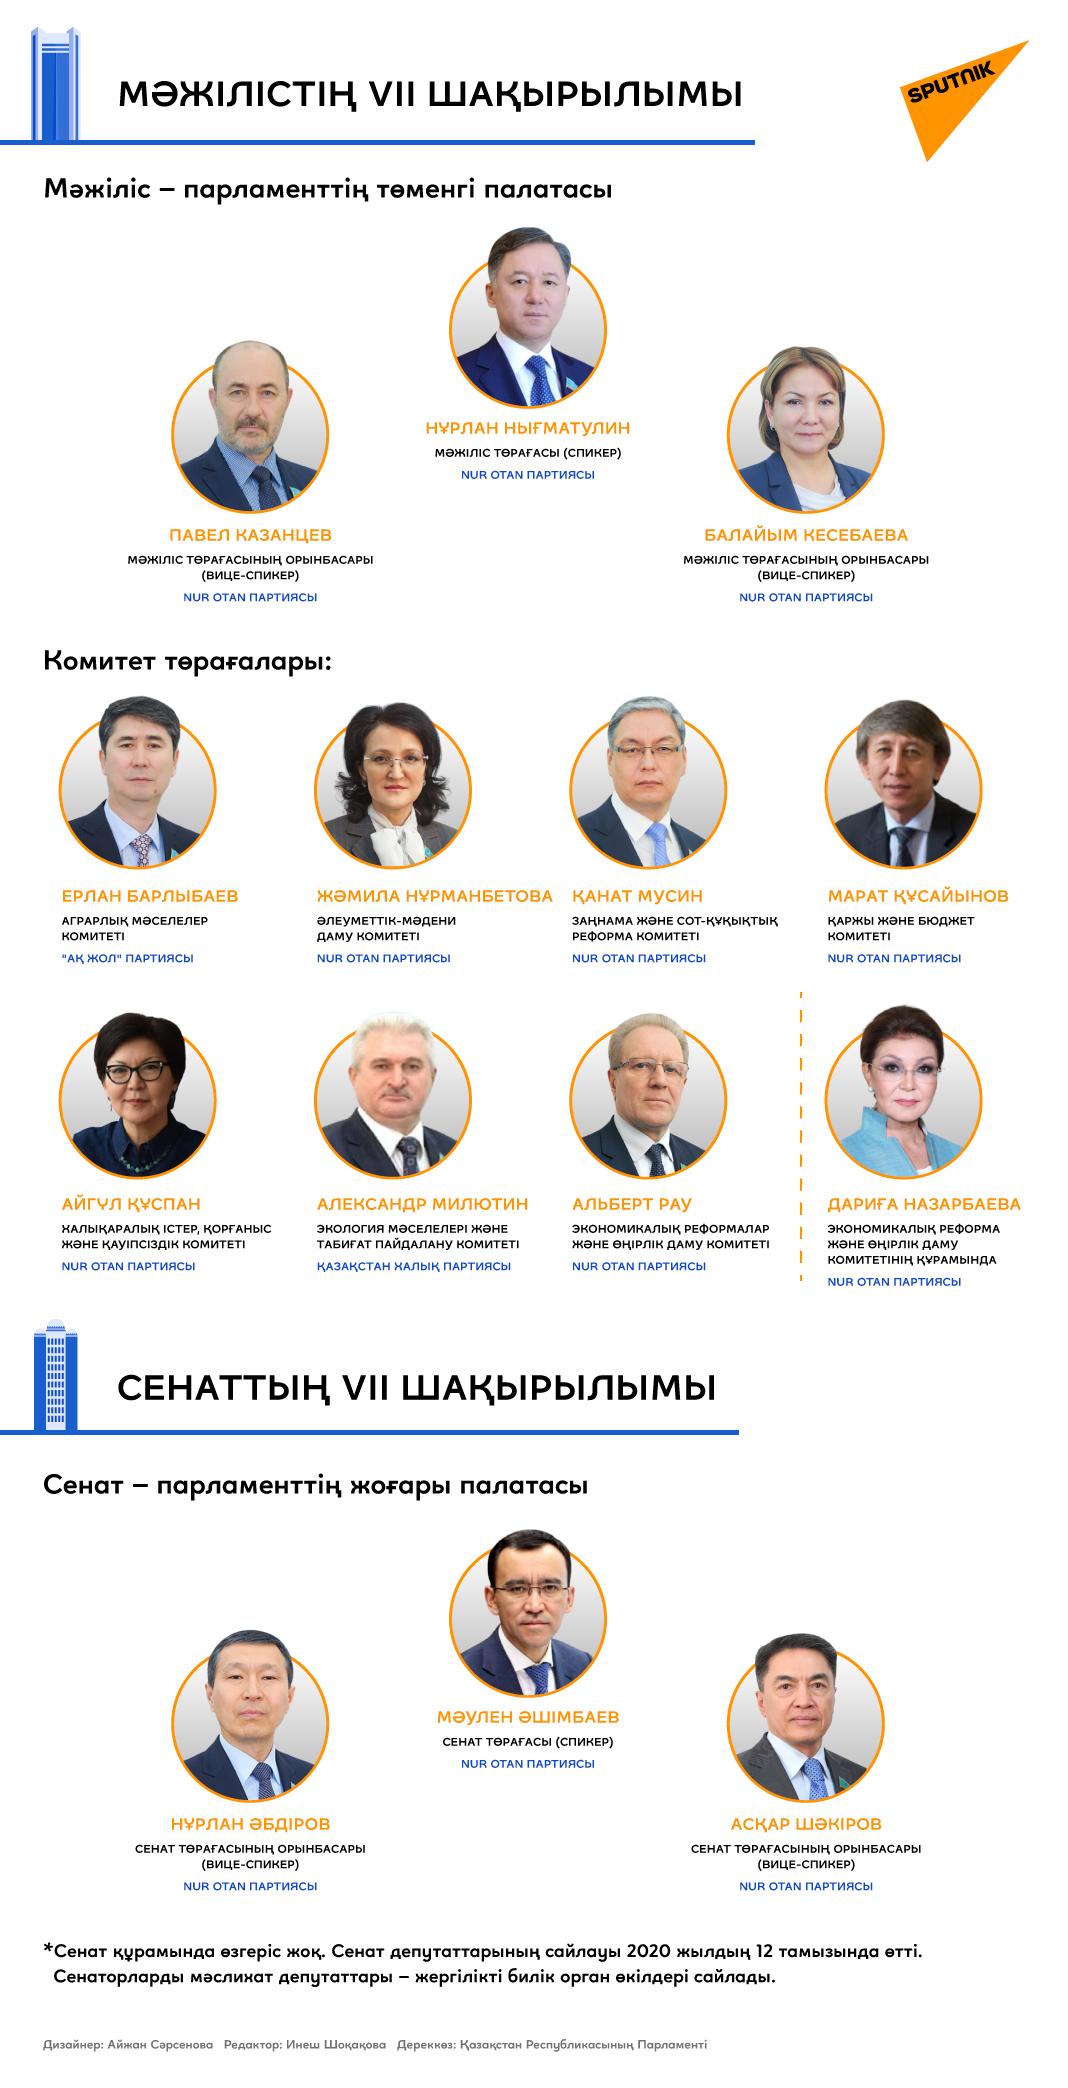 Парламент құрамы